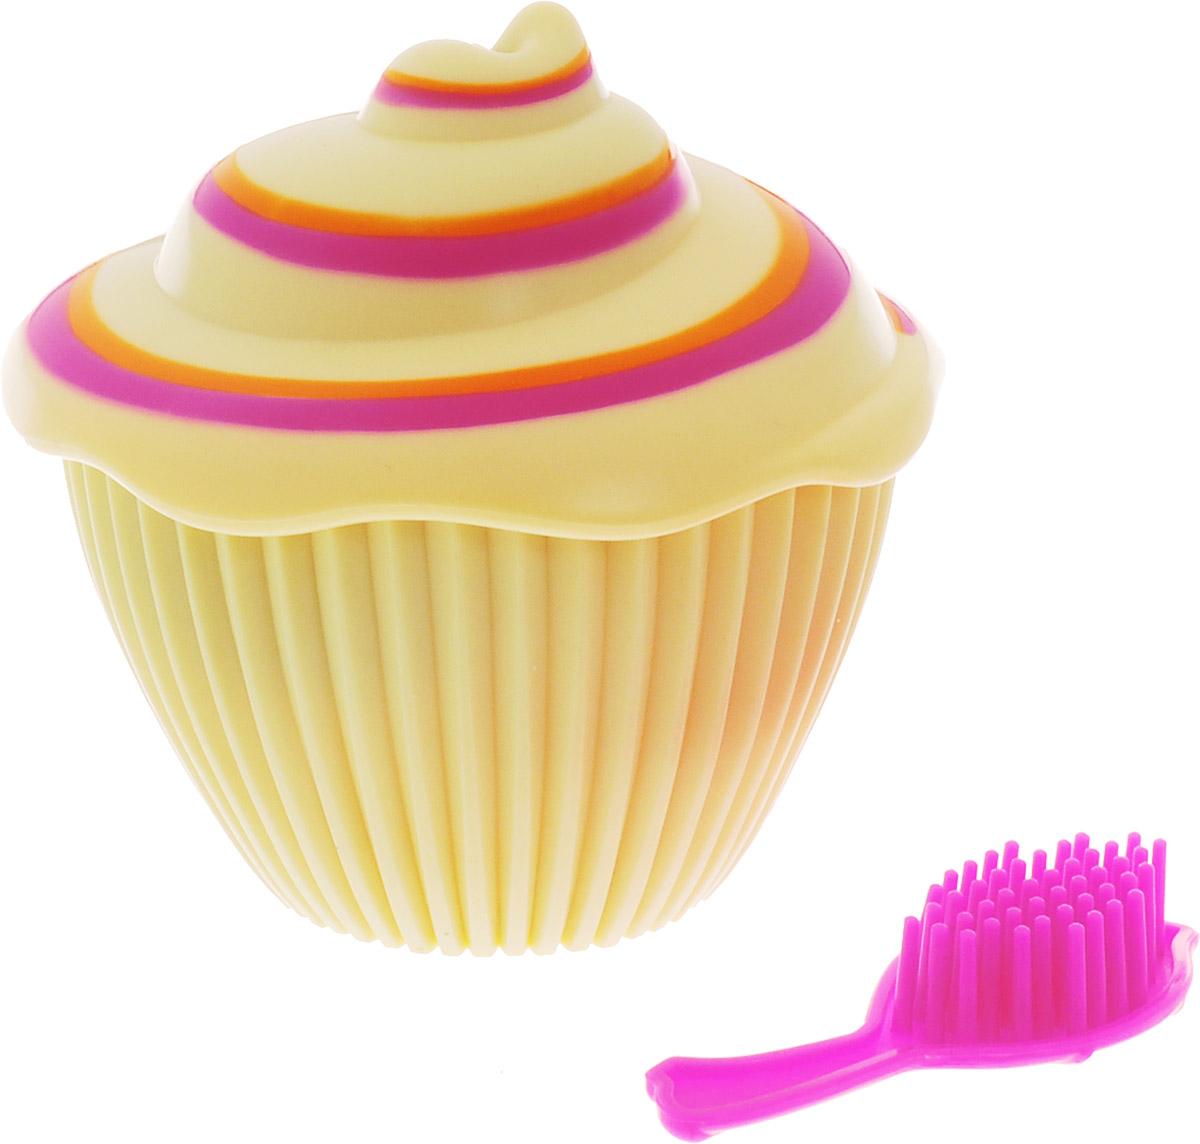 Emco Мини-кукла Cupcake Surprise в ассортименте emco мыльница emco polo 0730 001 00